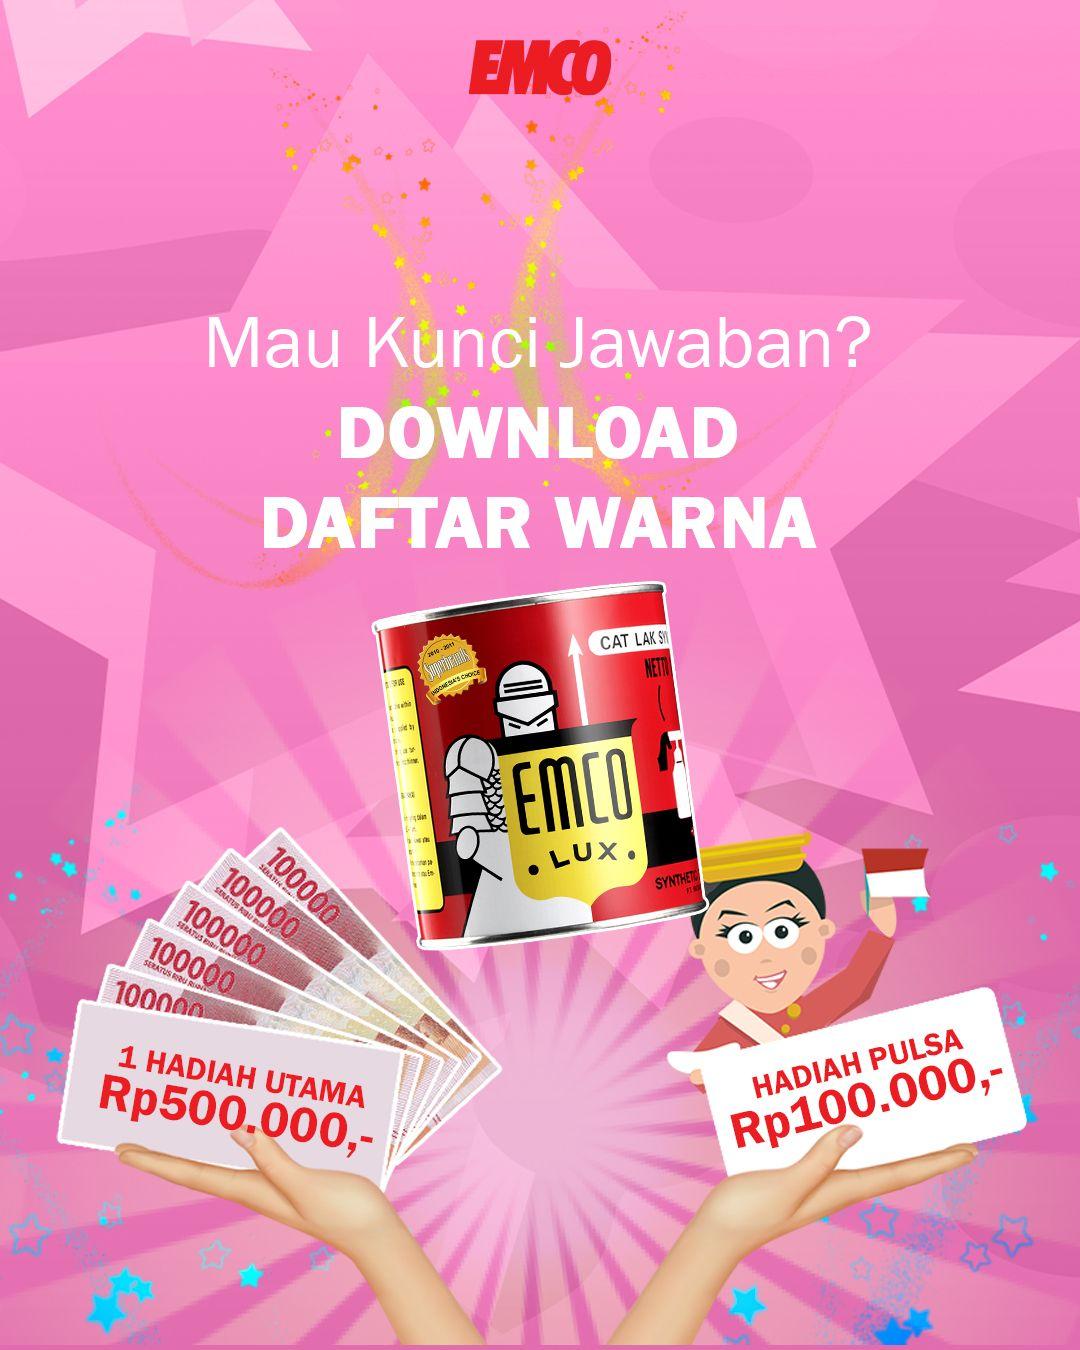 Kuis Emco Datang Lagi Hadiahnya Uang Tunai Rp500 000 Untuk Pemenang Utama Dan Rp100 000 Untuk 10 Orang Pemenang Hi Instagram Photo Instagram Photo And Video